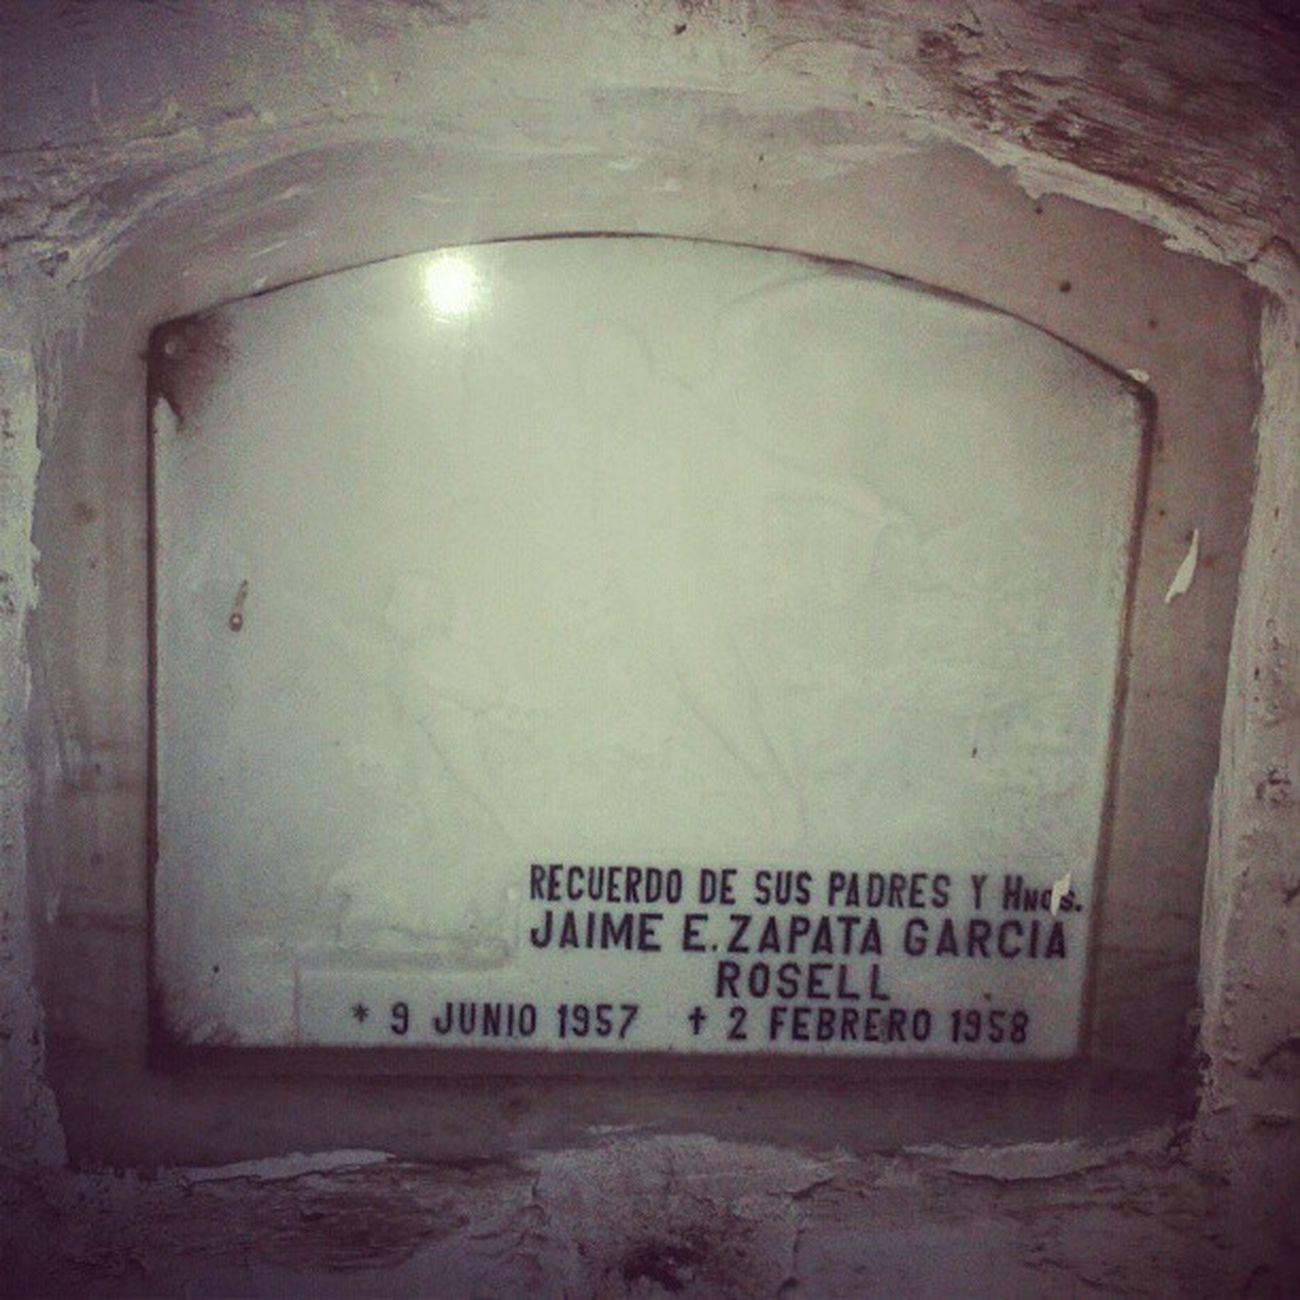 Los mausoleos verdaderas Antigüedades del cementerio @brunocosmos Reto 04/05